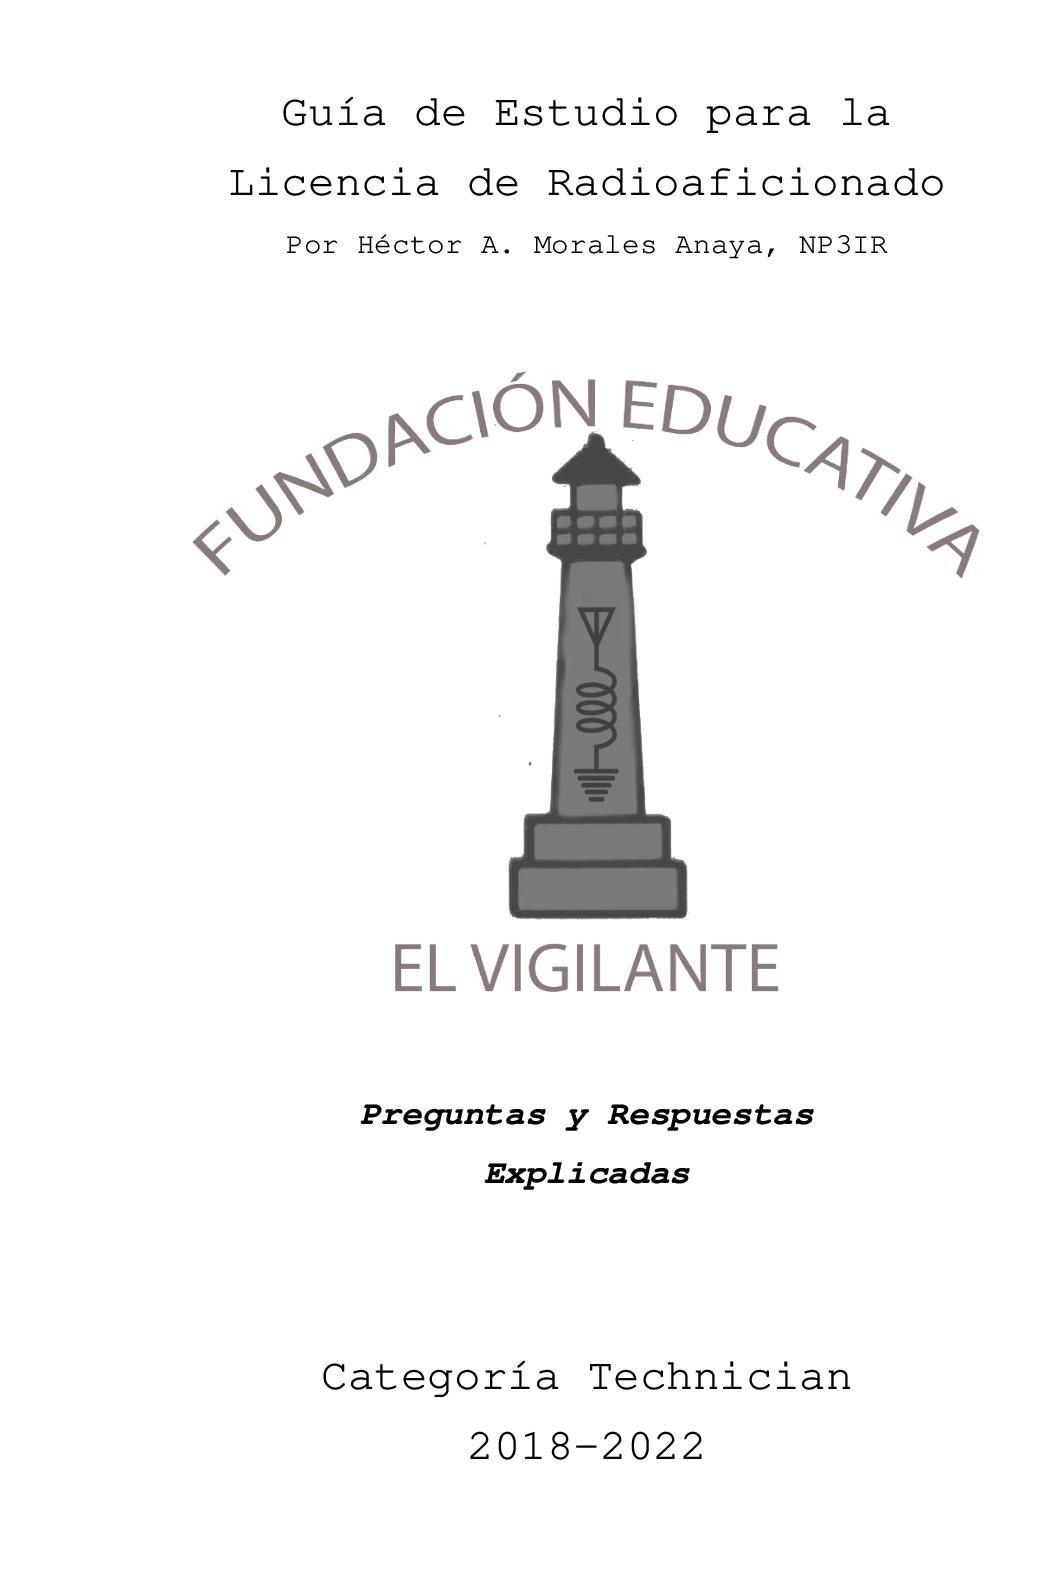 Calameo Guia De Estudio Preguntas Y Respuestas Technician 2018 2022